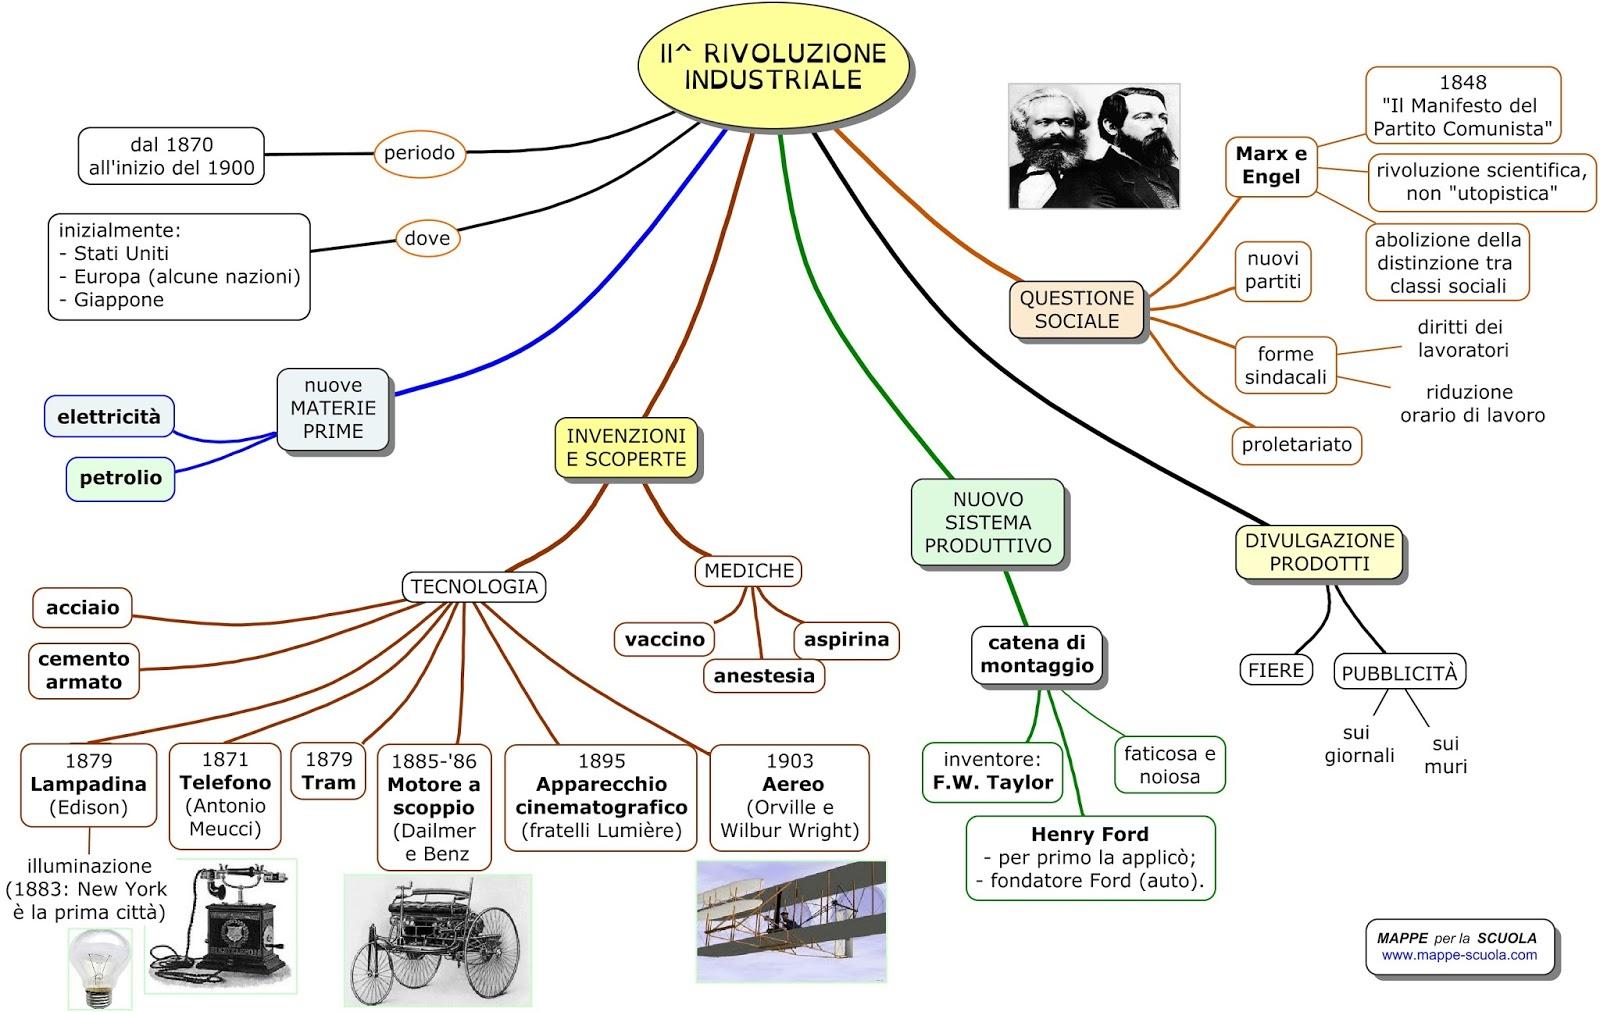 Immagini Seconda Rivoluzione Industriale 8f1763484e57